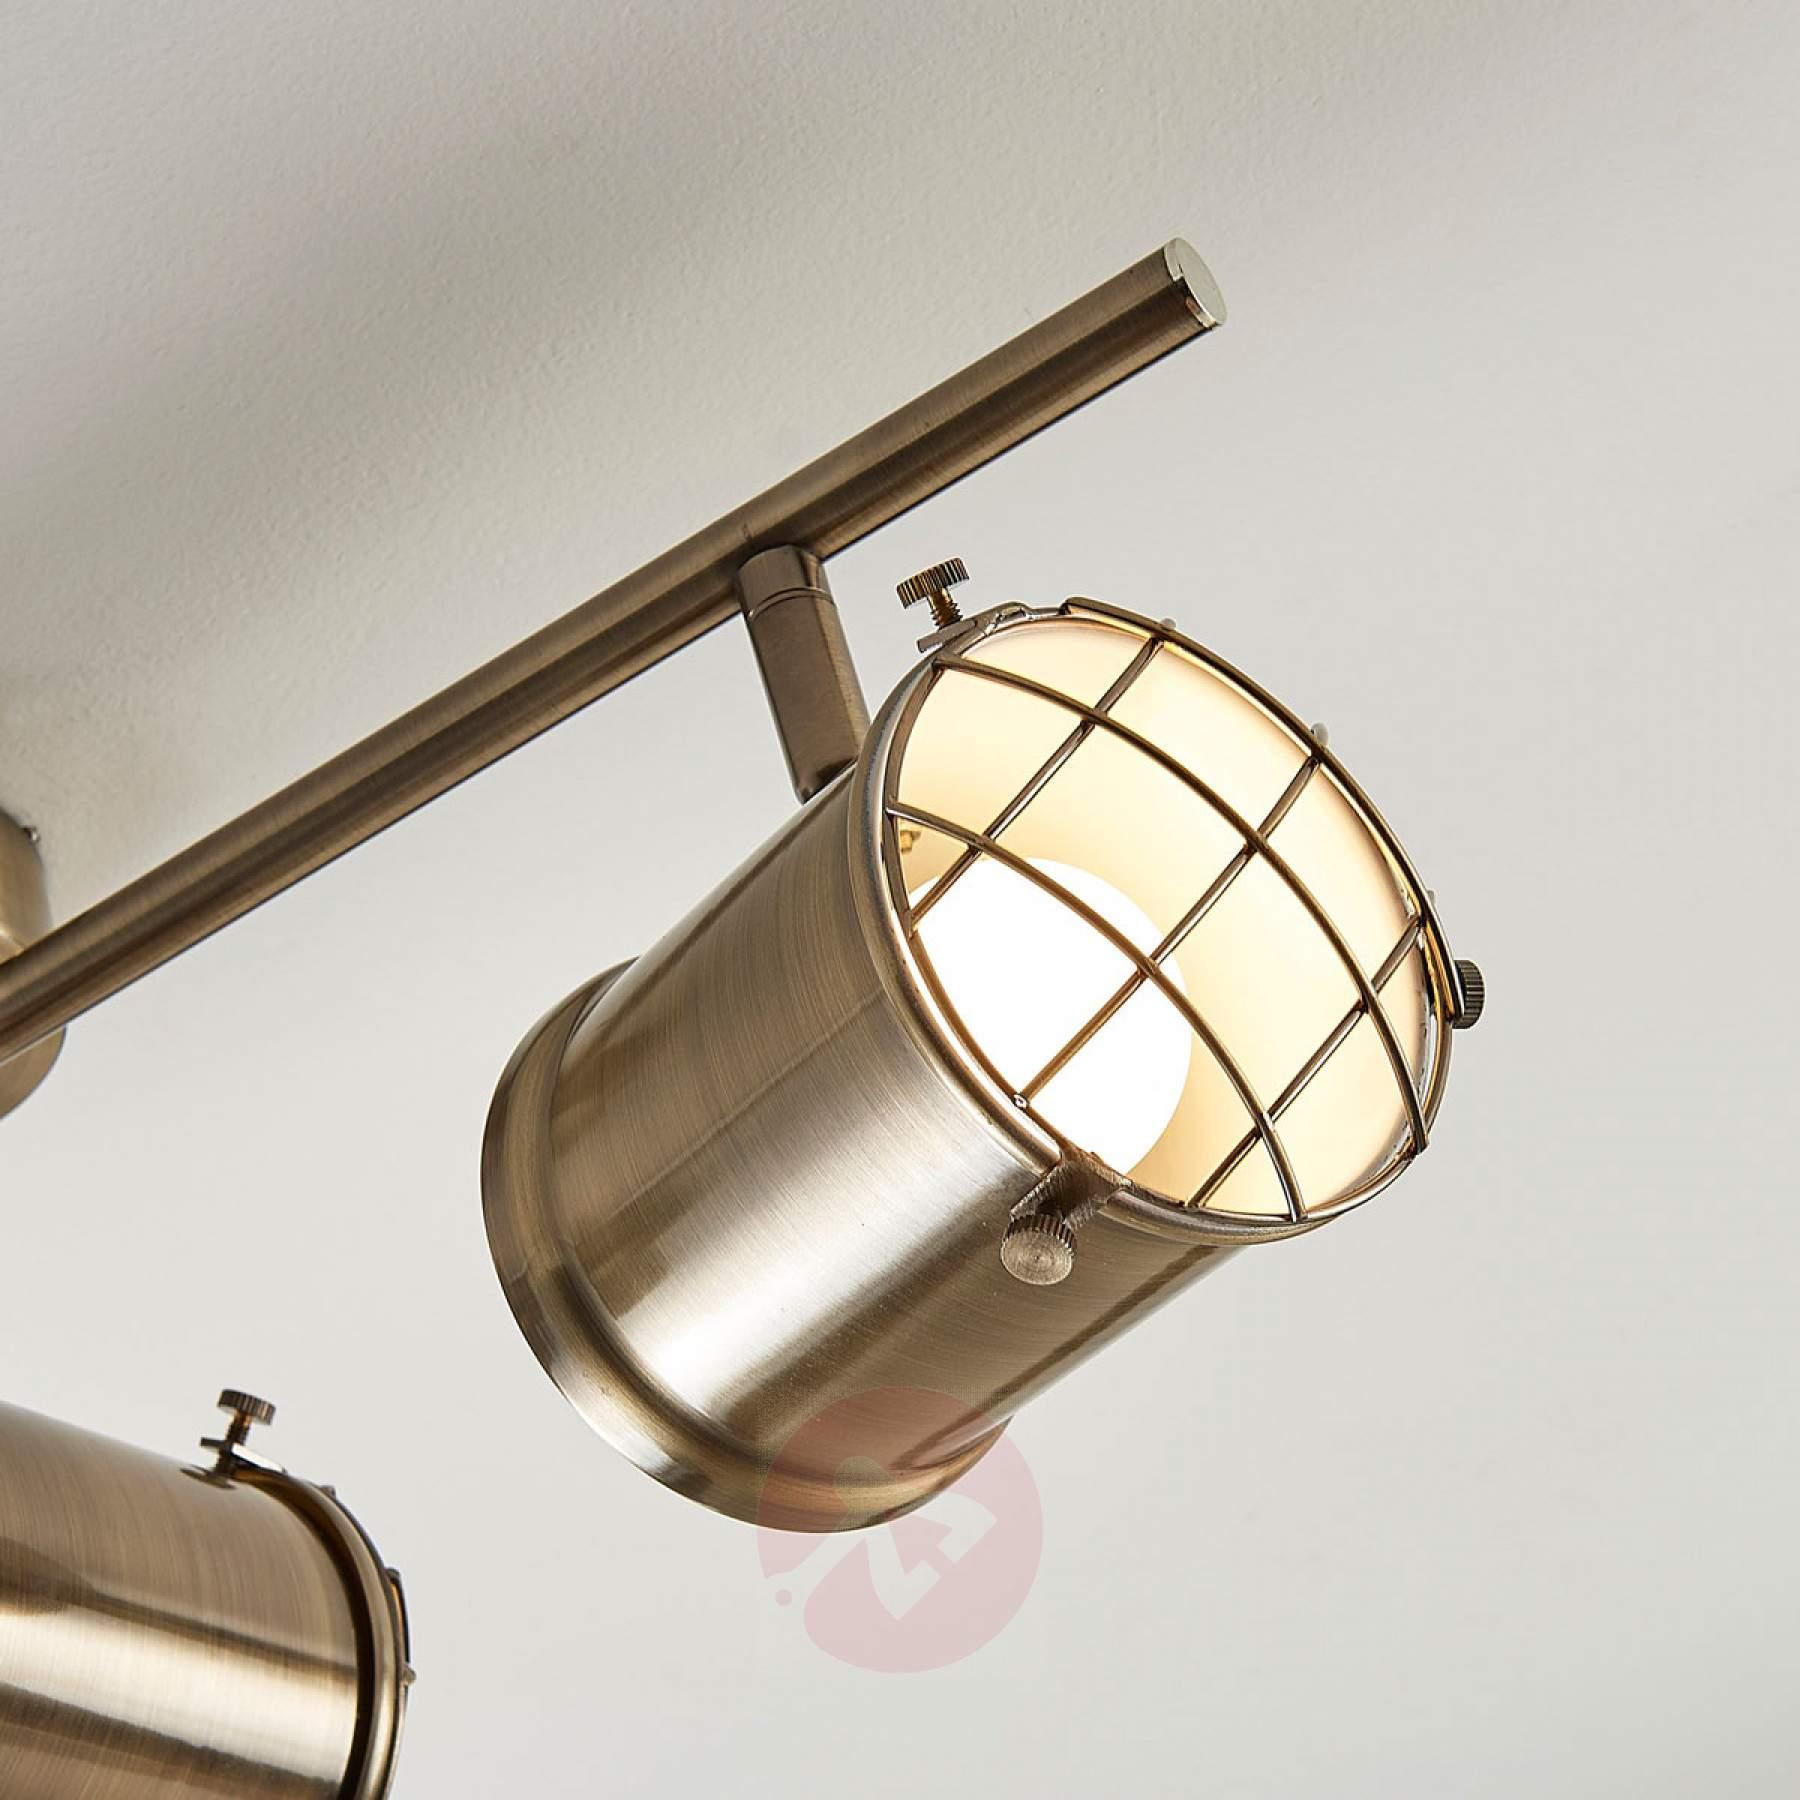 Full Size of Leuchten Leuchtmittel Bro Schreibwaren Küche Jalousieschrank Ikea Miniküche Kräutertopf Wandregal Landhaus Regal Alno Einhebelmischer Led Lampen Wohnzimmer Wohnzimmer Deckenleuchte Led Küche